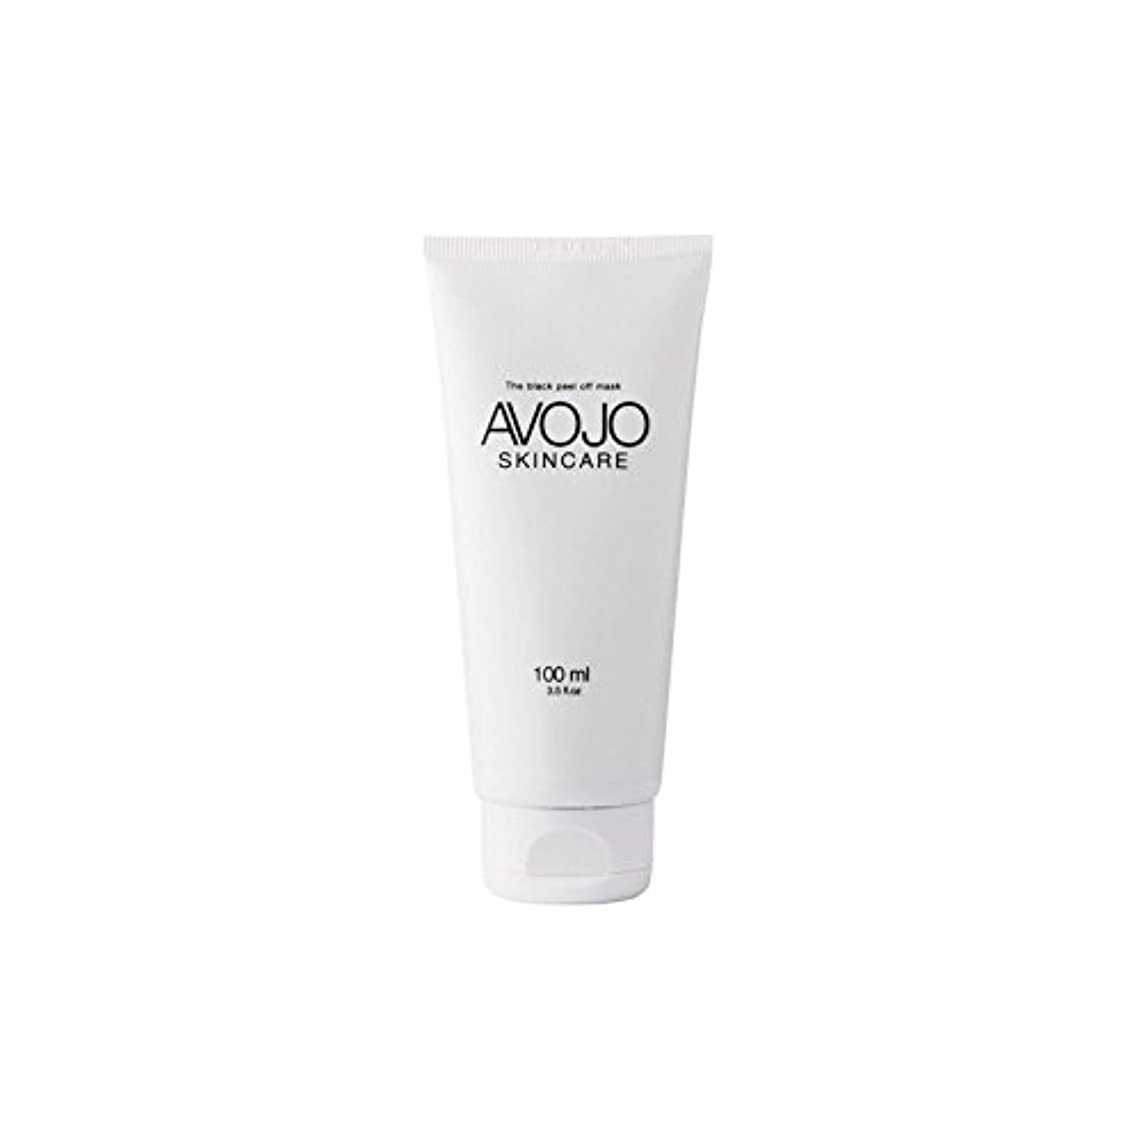 言い訳送信する足音- 黒皮オフマスク - (ボトル100ミリリットル) x4 - Avojo - The Black Peel Off Mask - (Bottle 100ml) (Pack of 4) [並行輸入品]